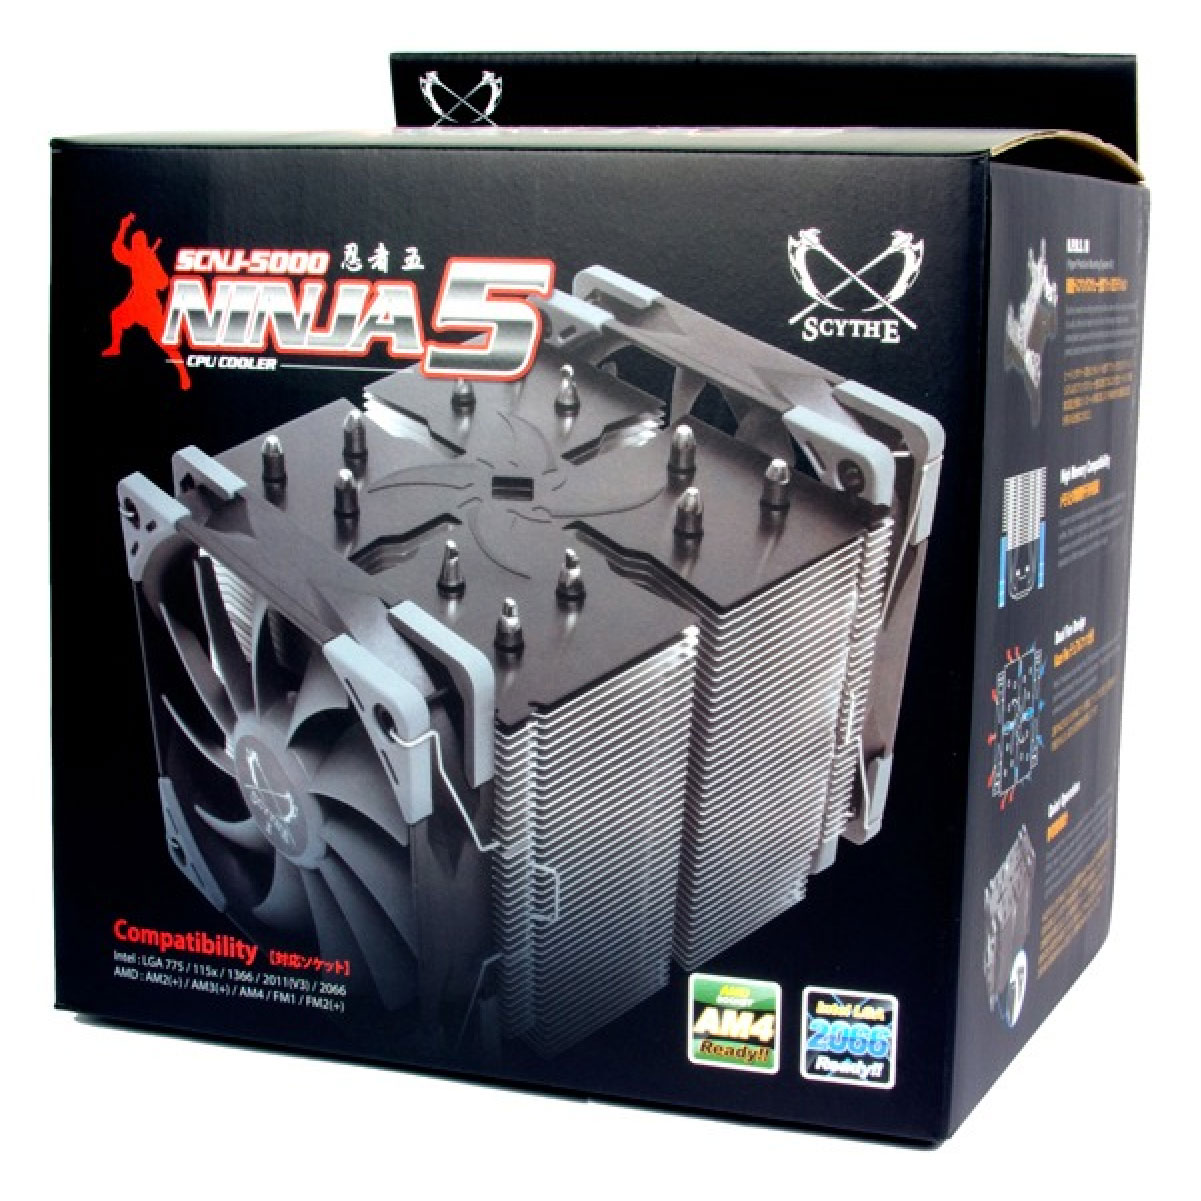 Cooler Para Processador Scythe Ninja 5 AMD/INTEL 2 Fans 120mm Preto